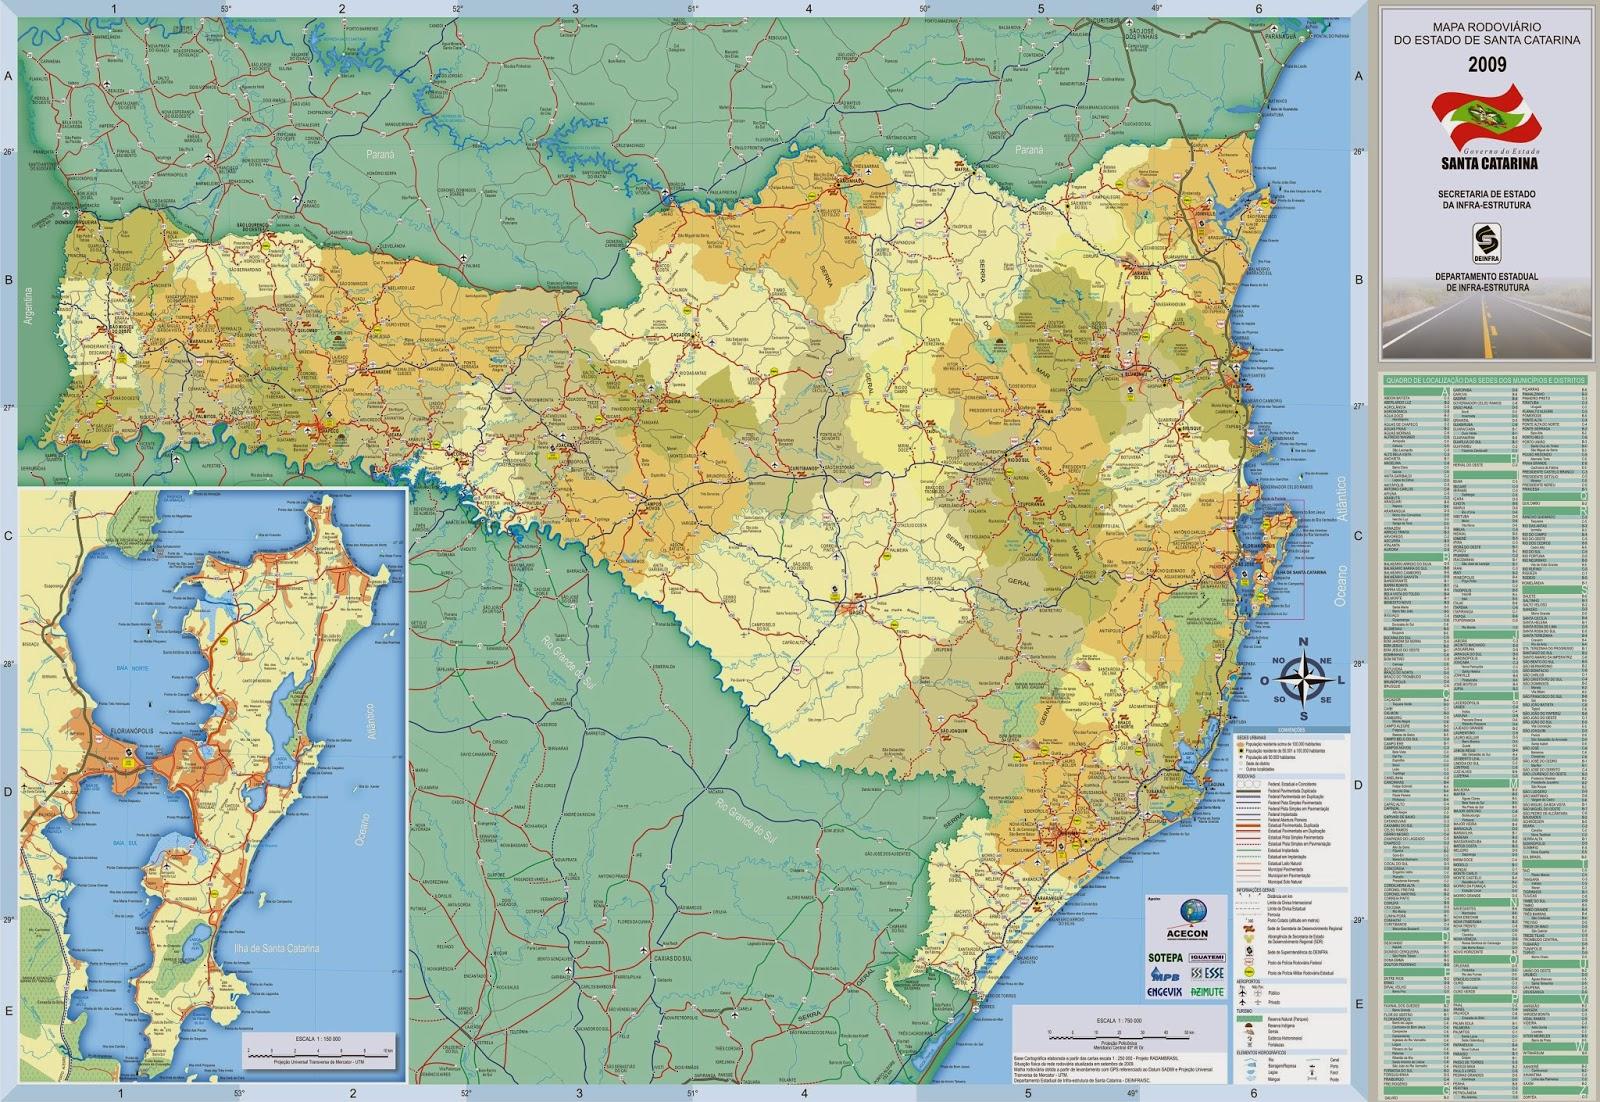 Mapas Geográficos de Santa Catarina